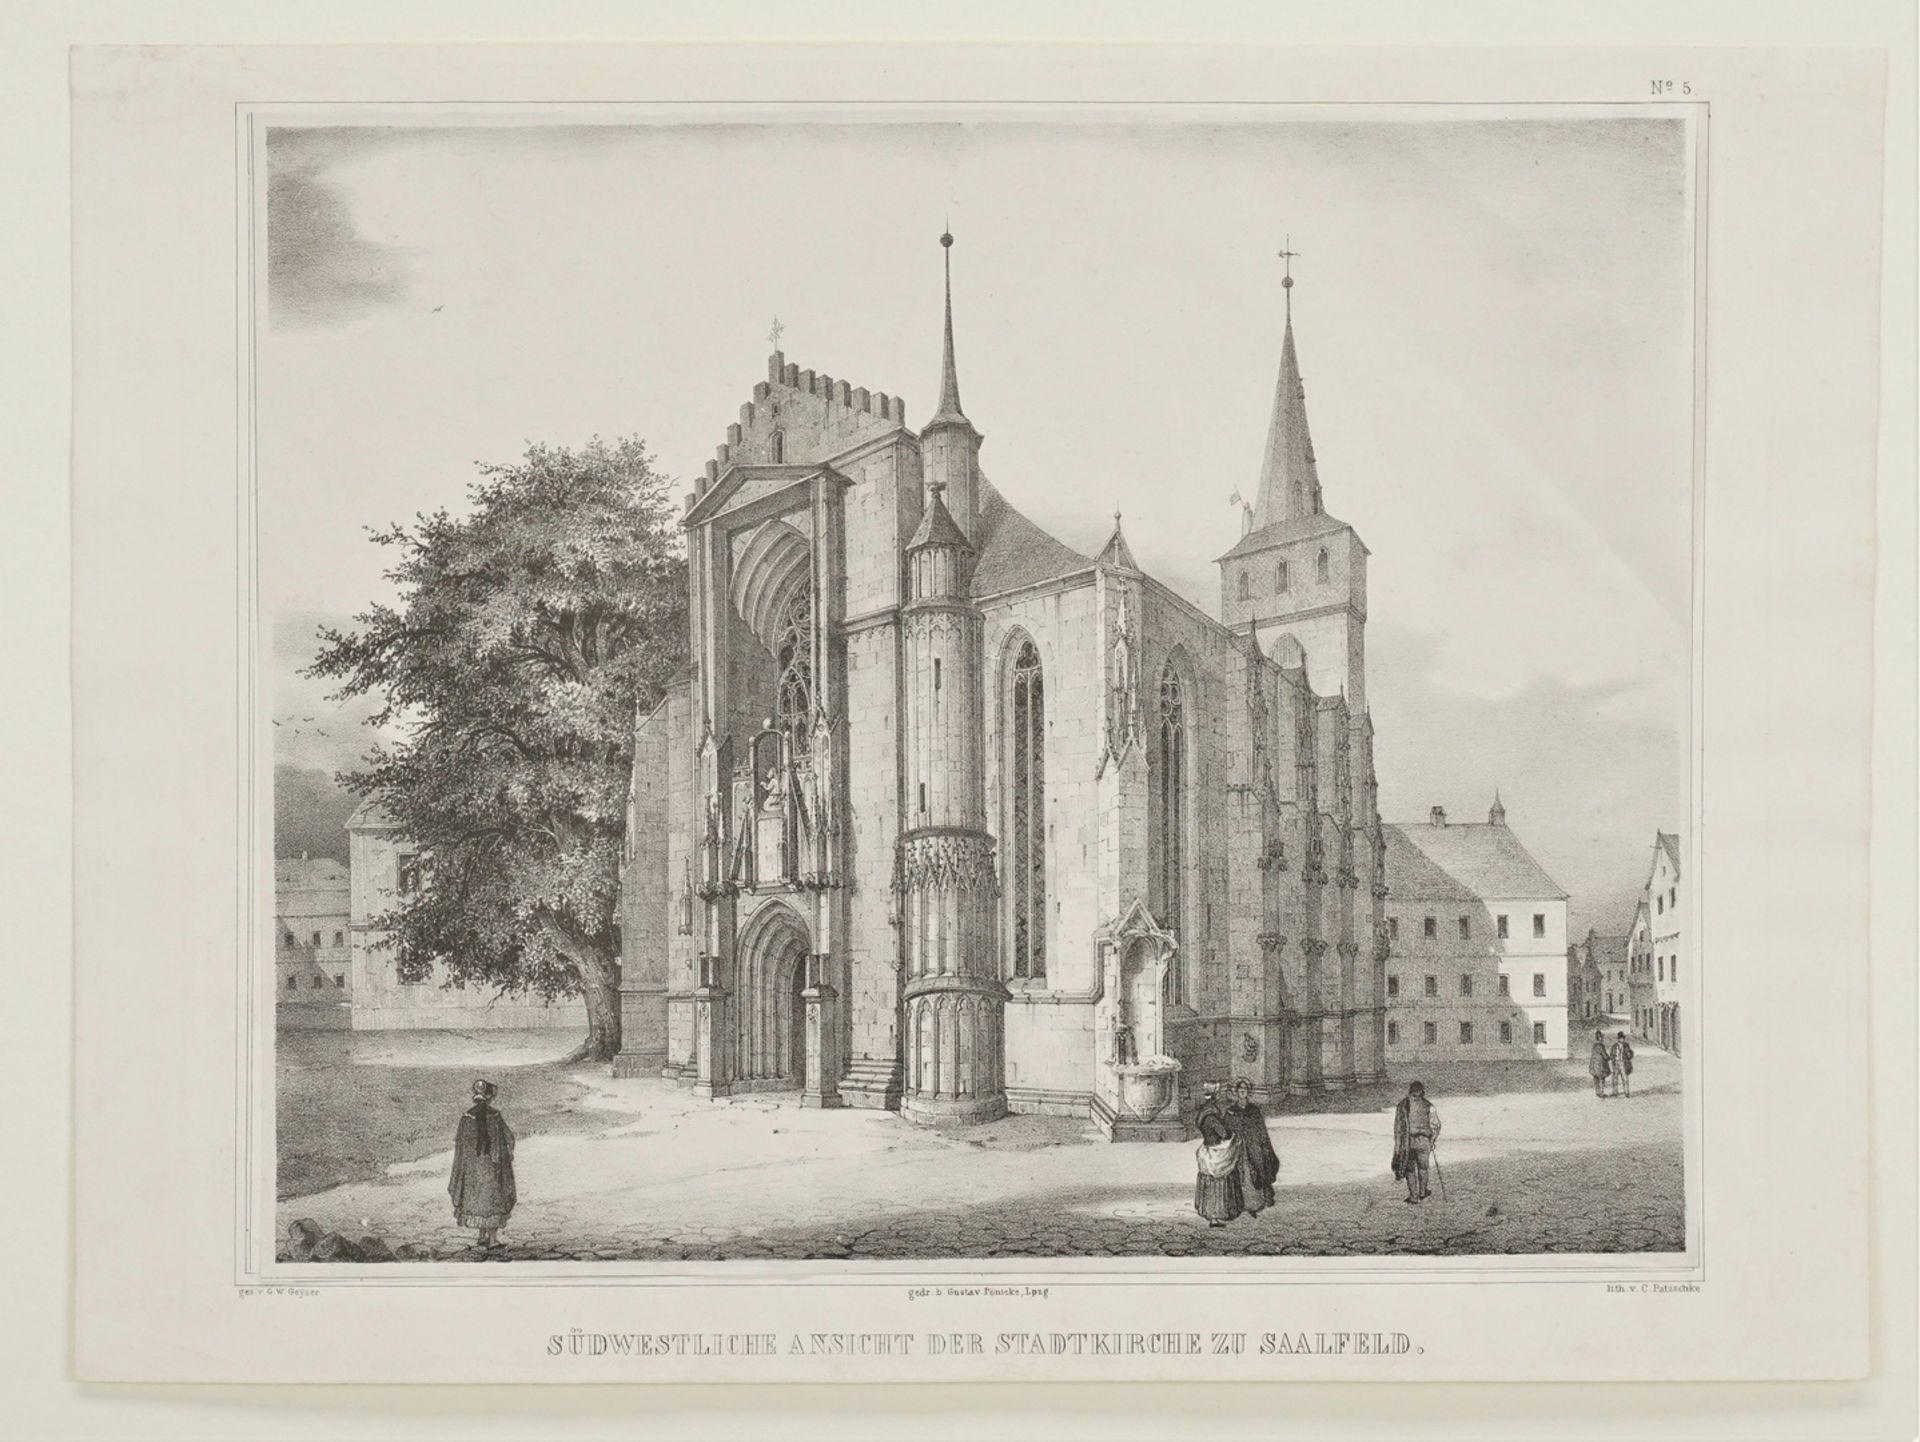 Südwestliche Ansicht der Stadtkirche zu Saalfeld - Bild 3 aus 3